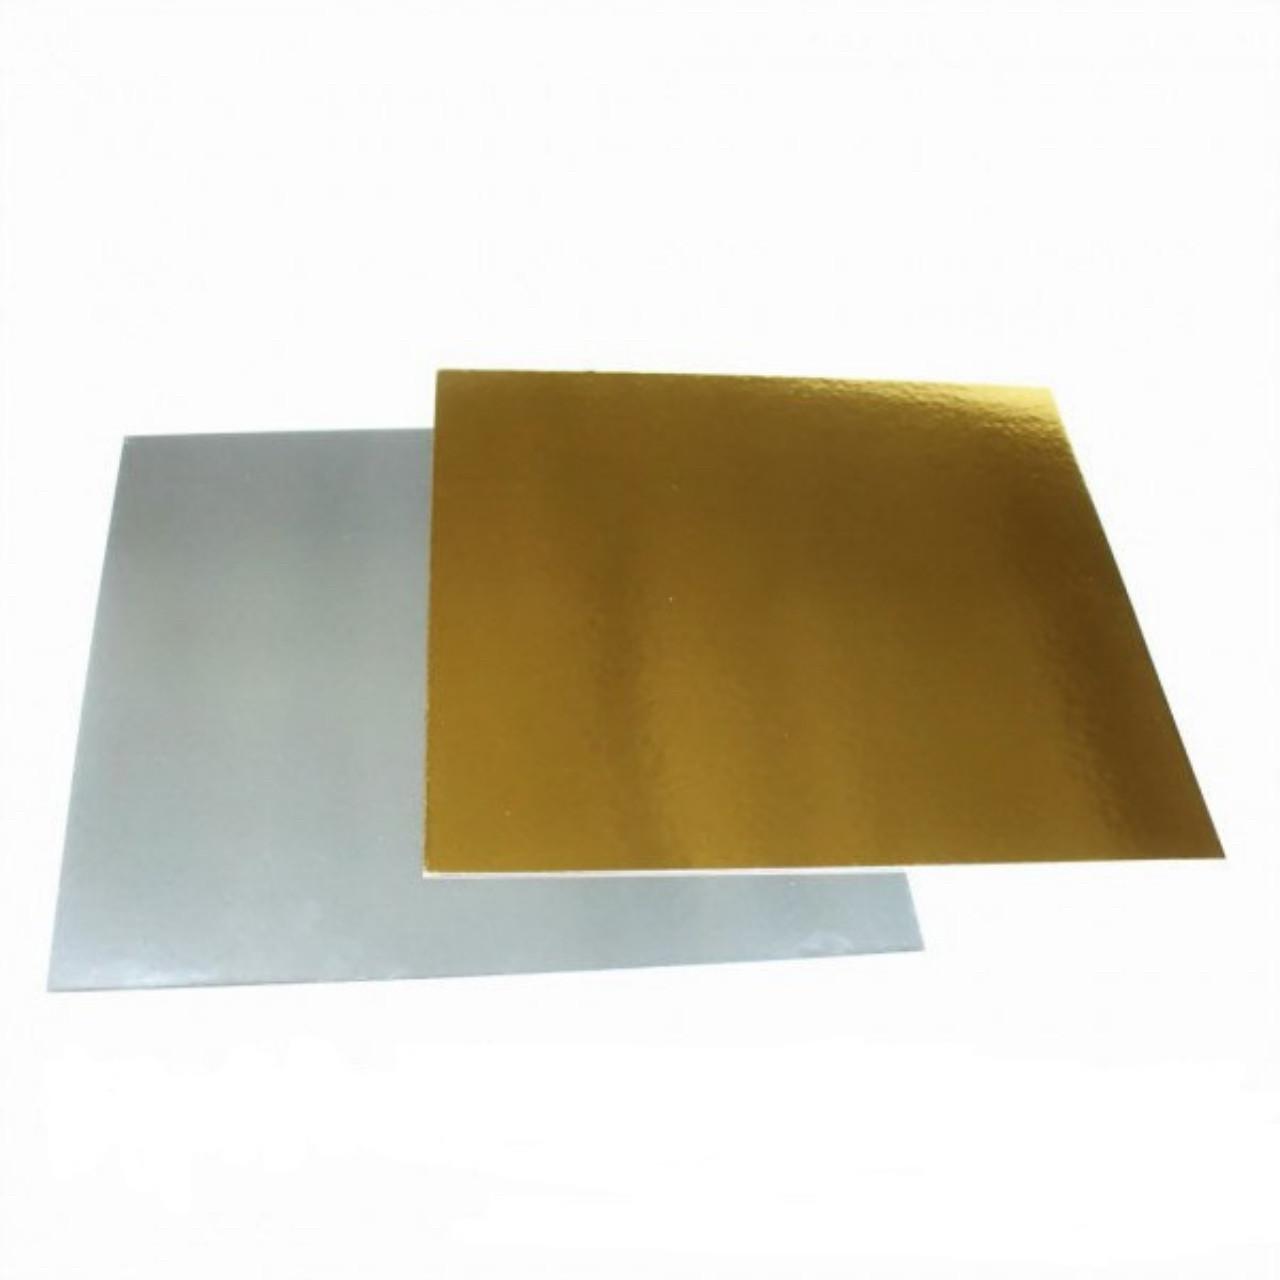 Подложка под торт 390х390 мм, золото/серебро - 1 мм